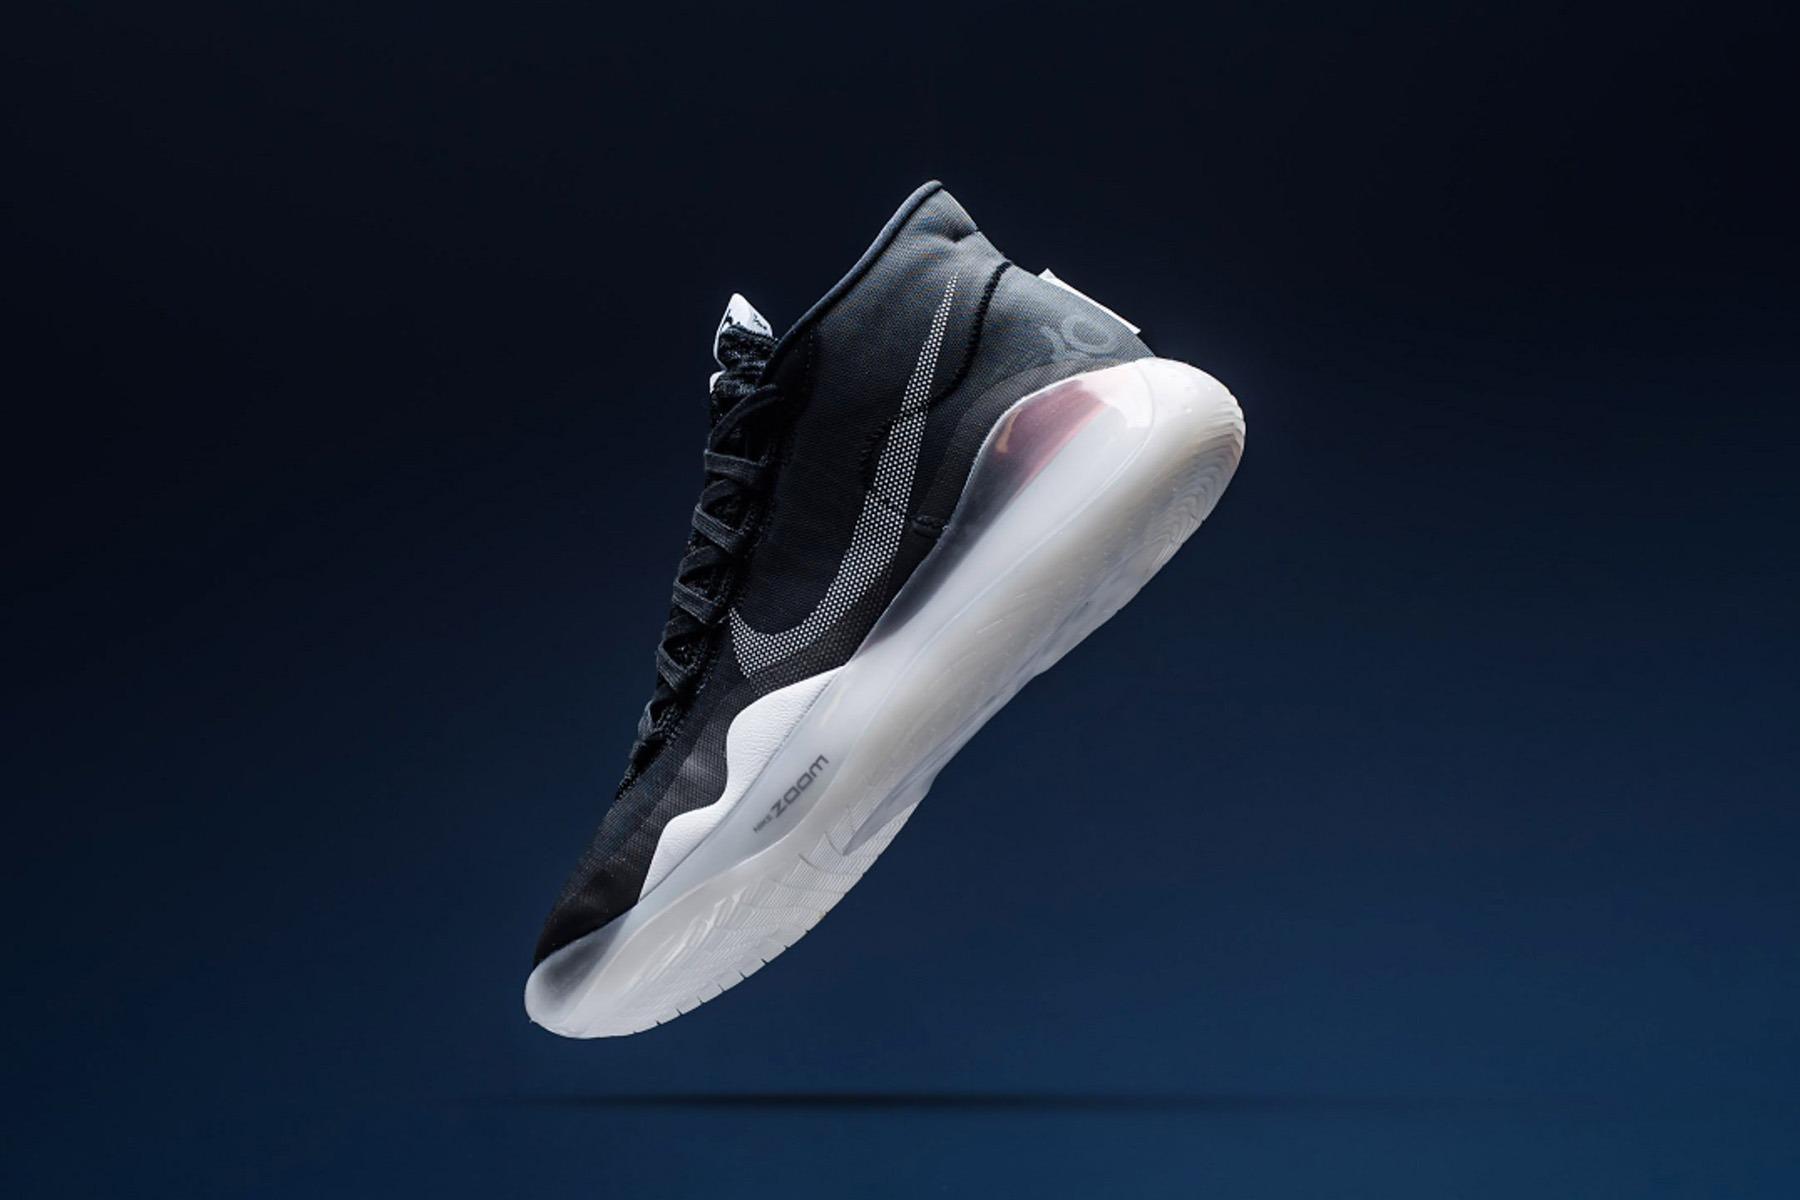 專家精選10個最受好評籃球鞋